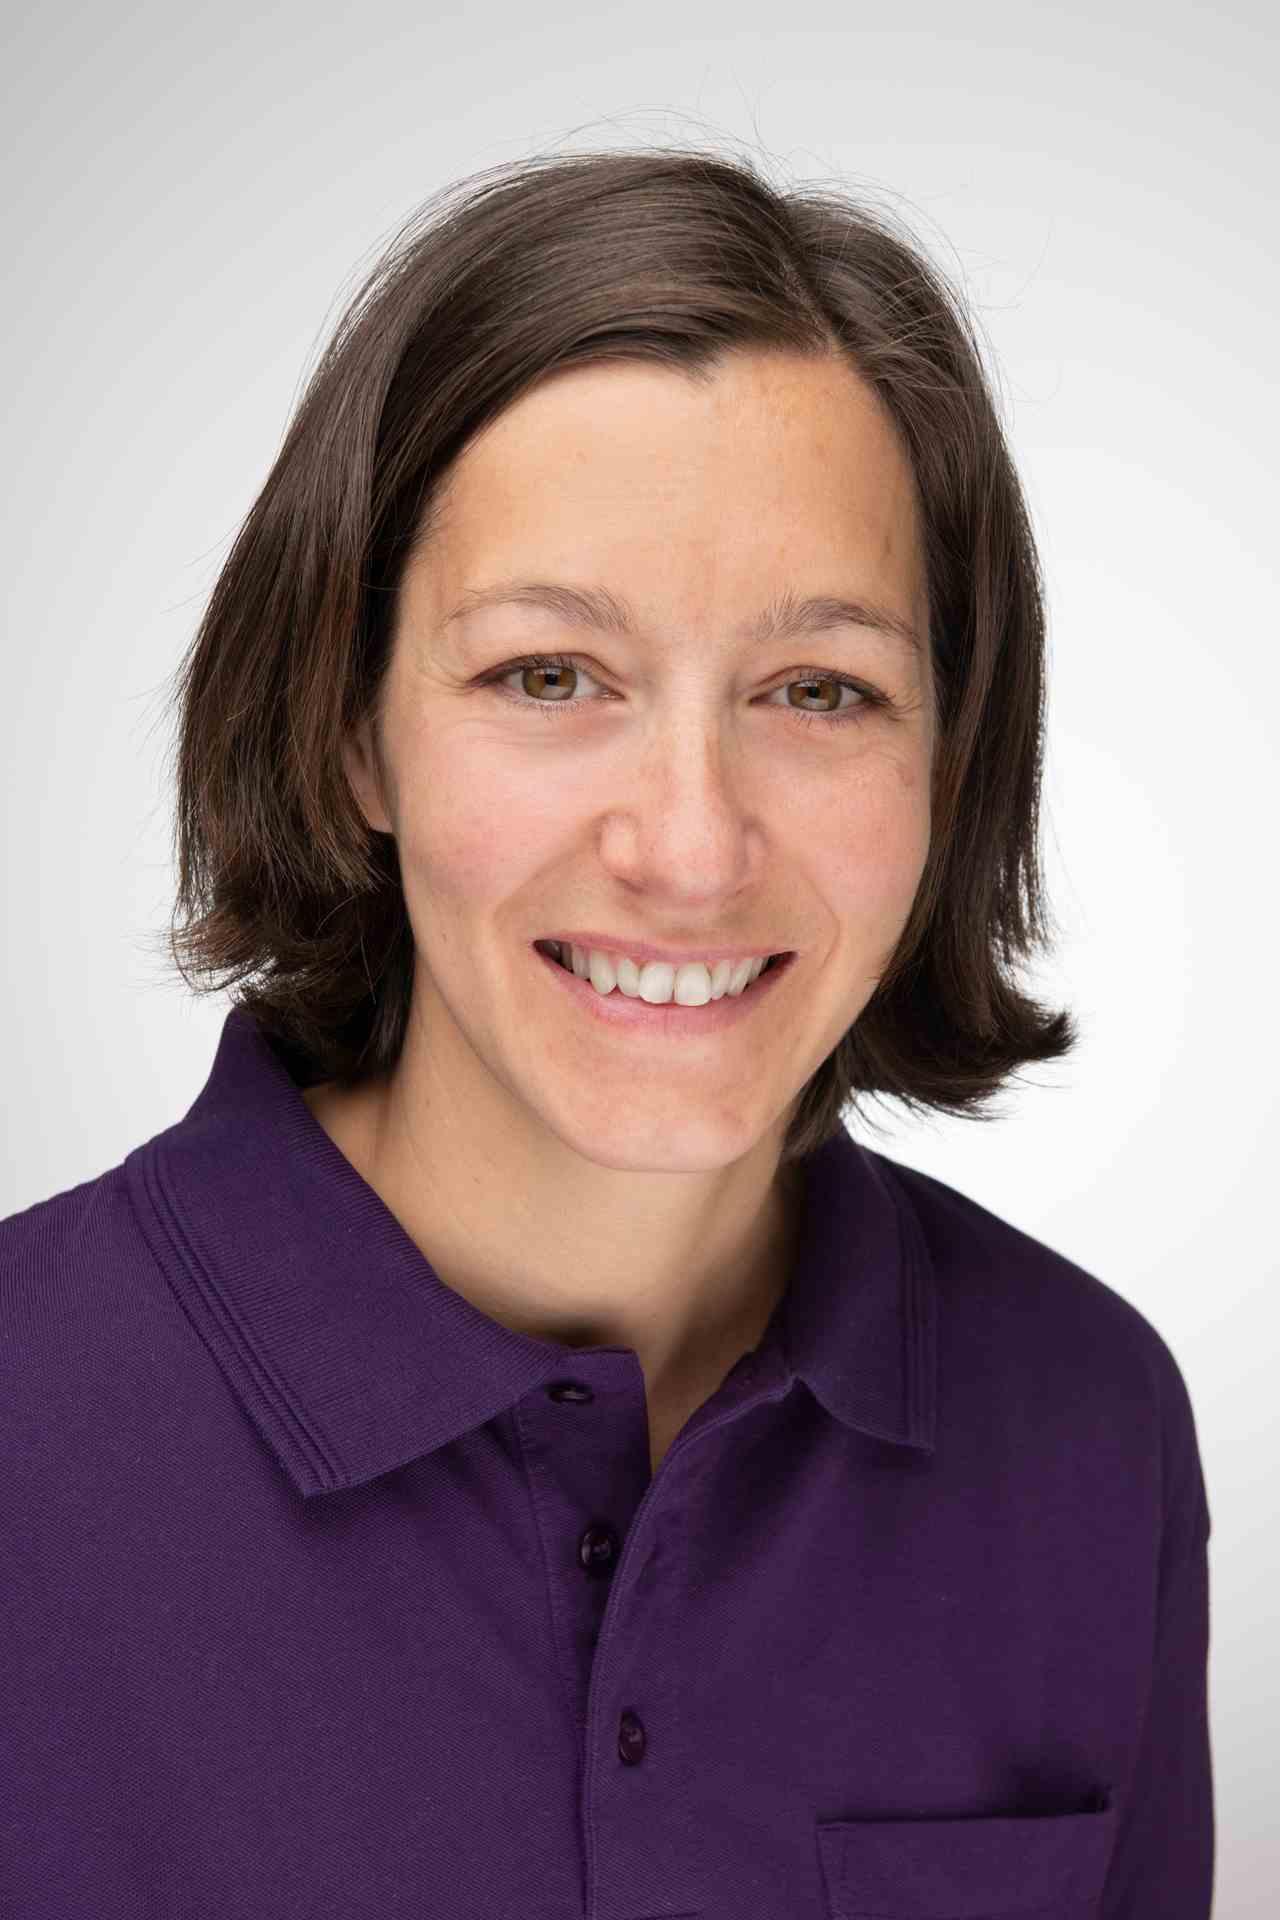 Sonja Oberauer